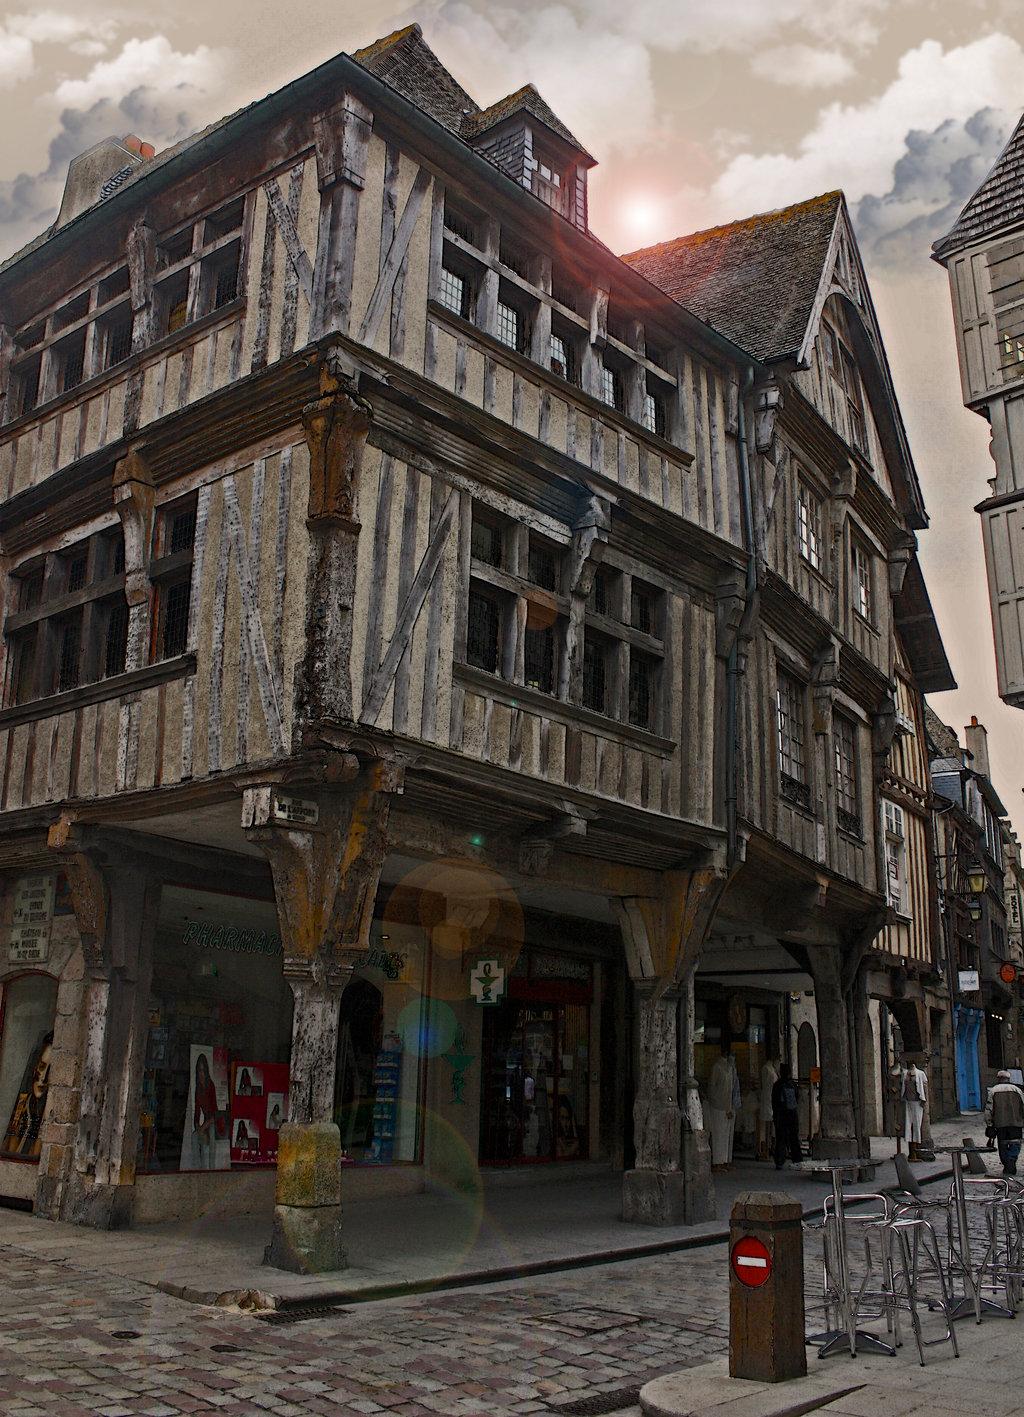 Mittelalterliches Fachwerkhaus  Haus in Dinan.